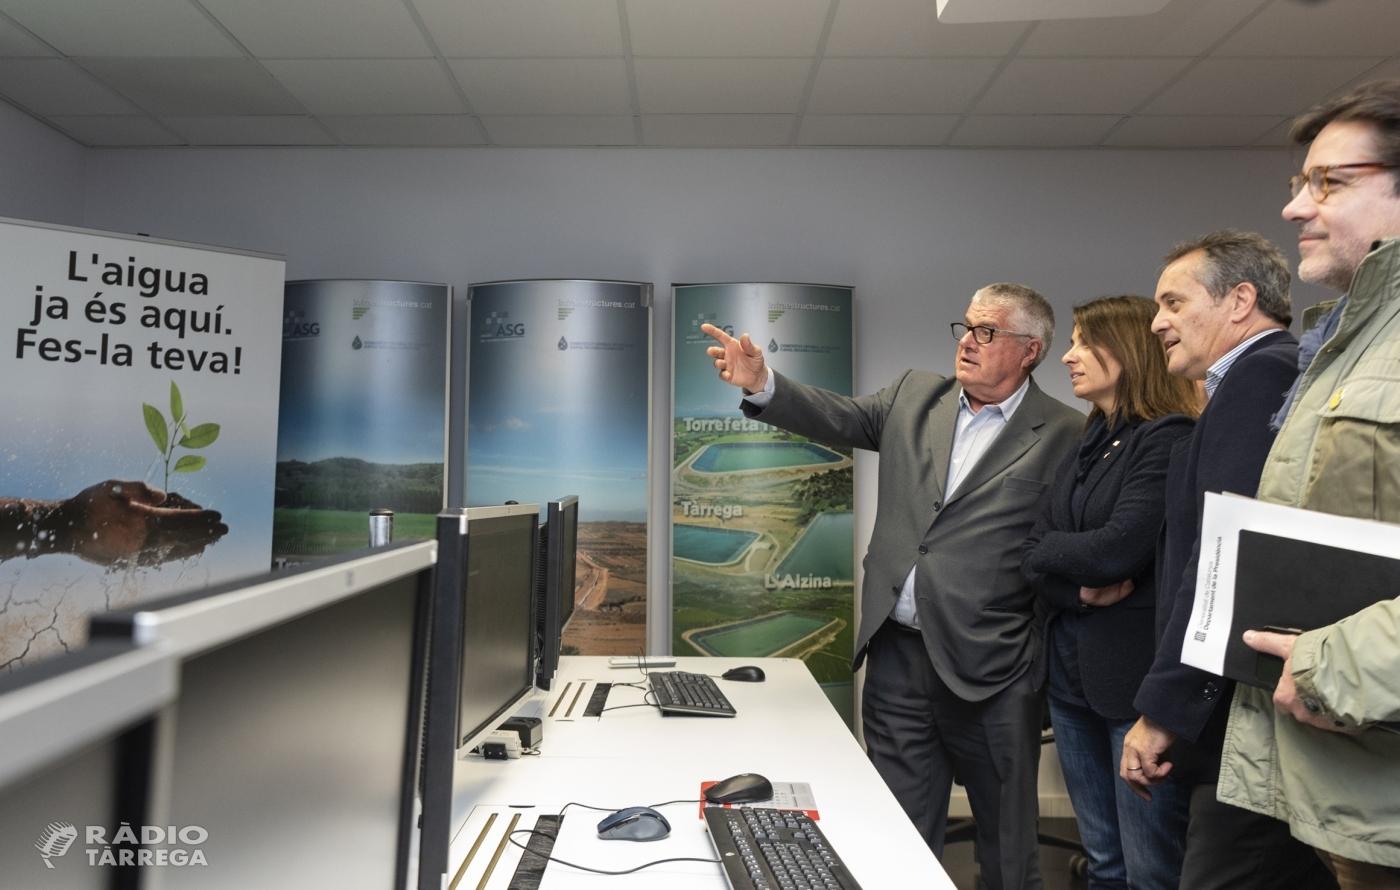 La consellera Budó es 'compromet a treballar conjuntament amb el territori' les peticions de la comunitat de regants del canal Segarra-Garrigues